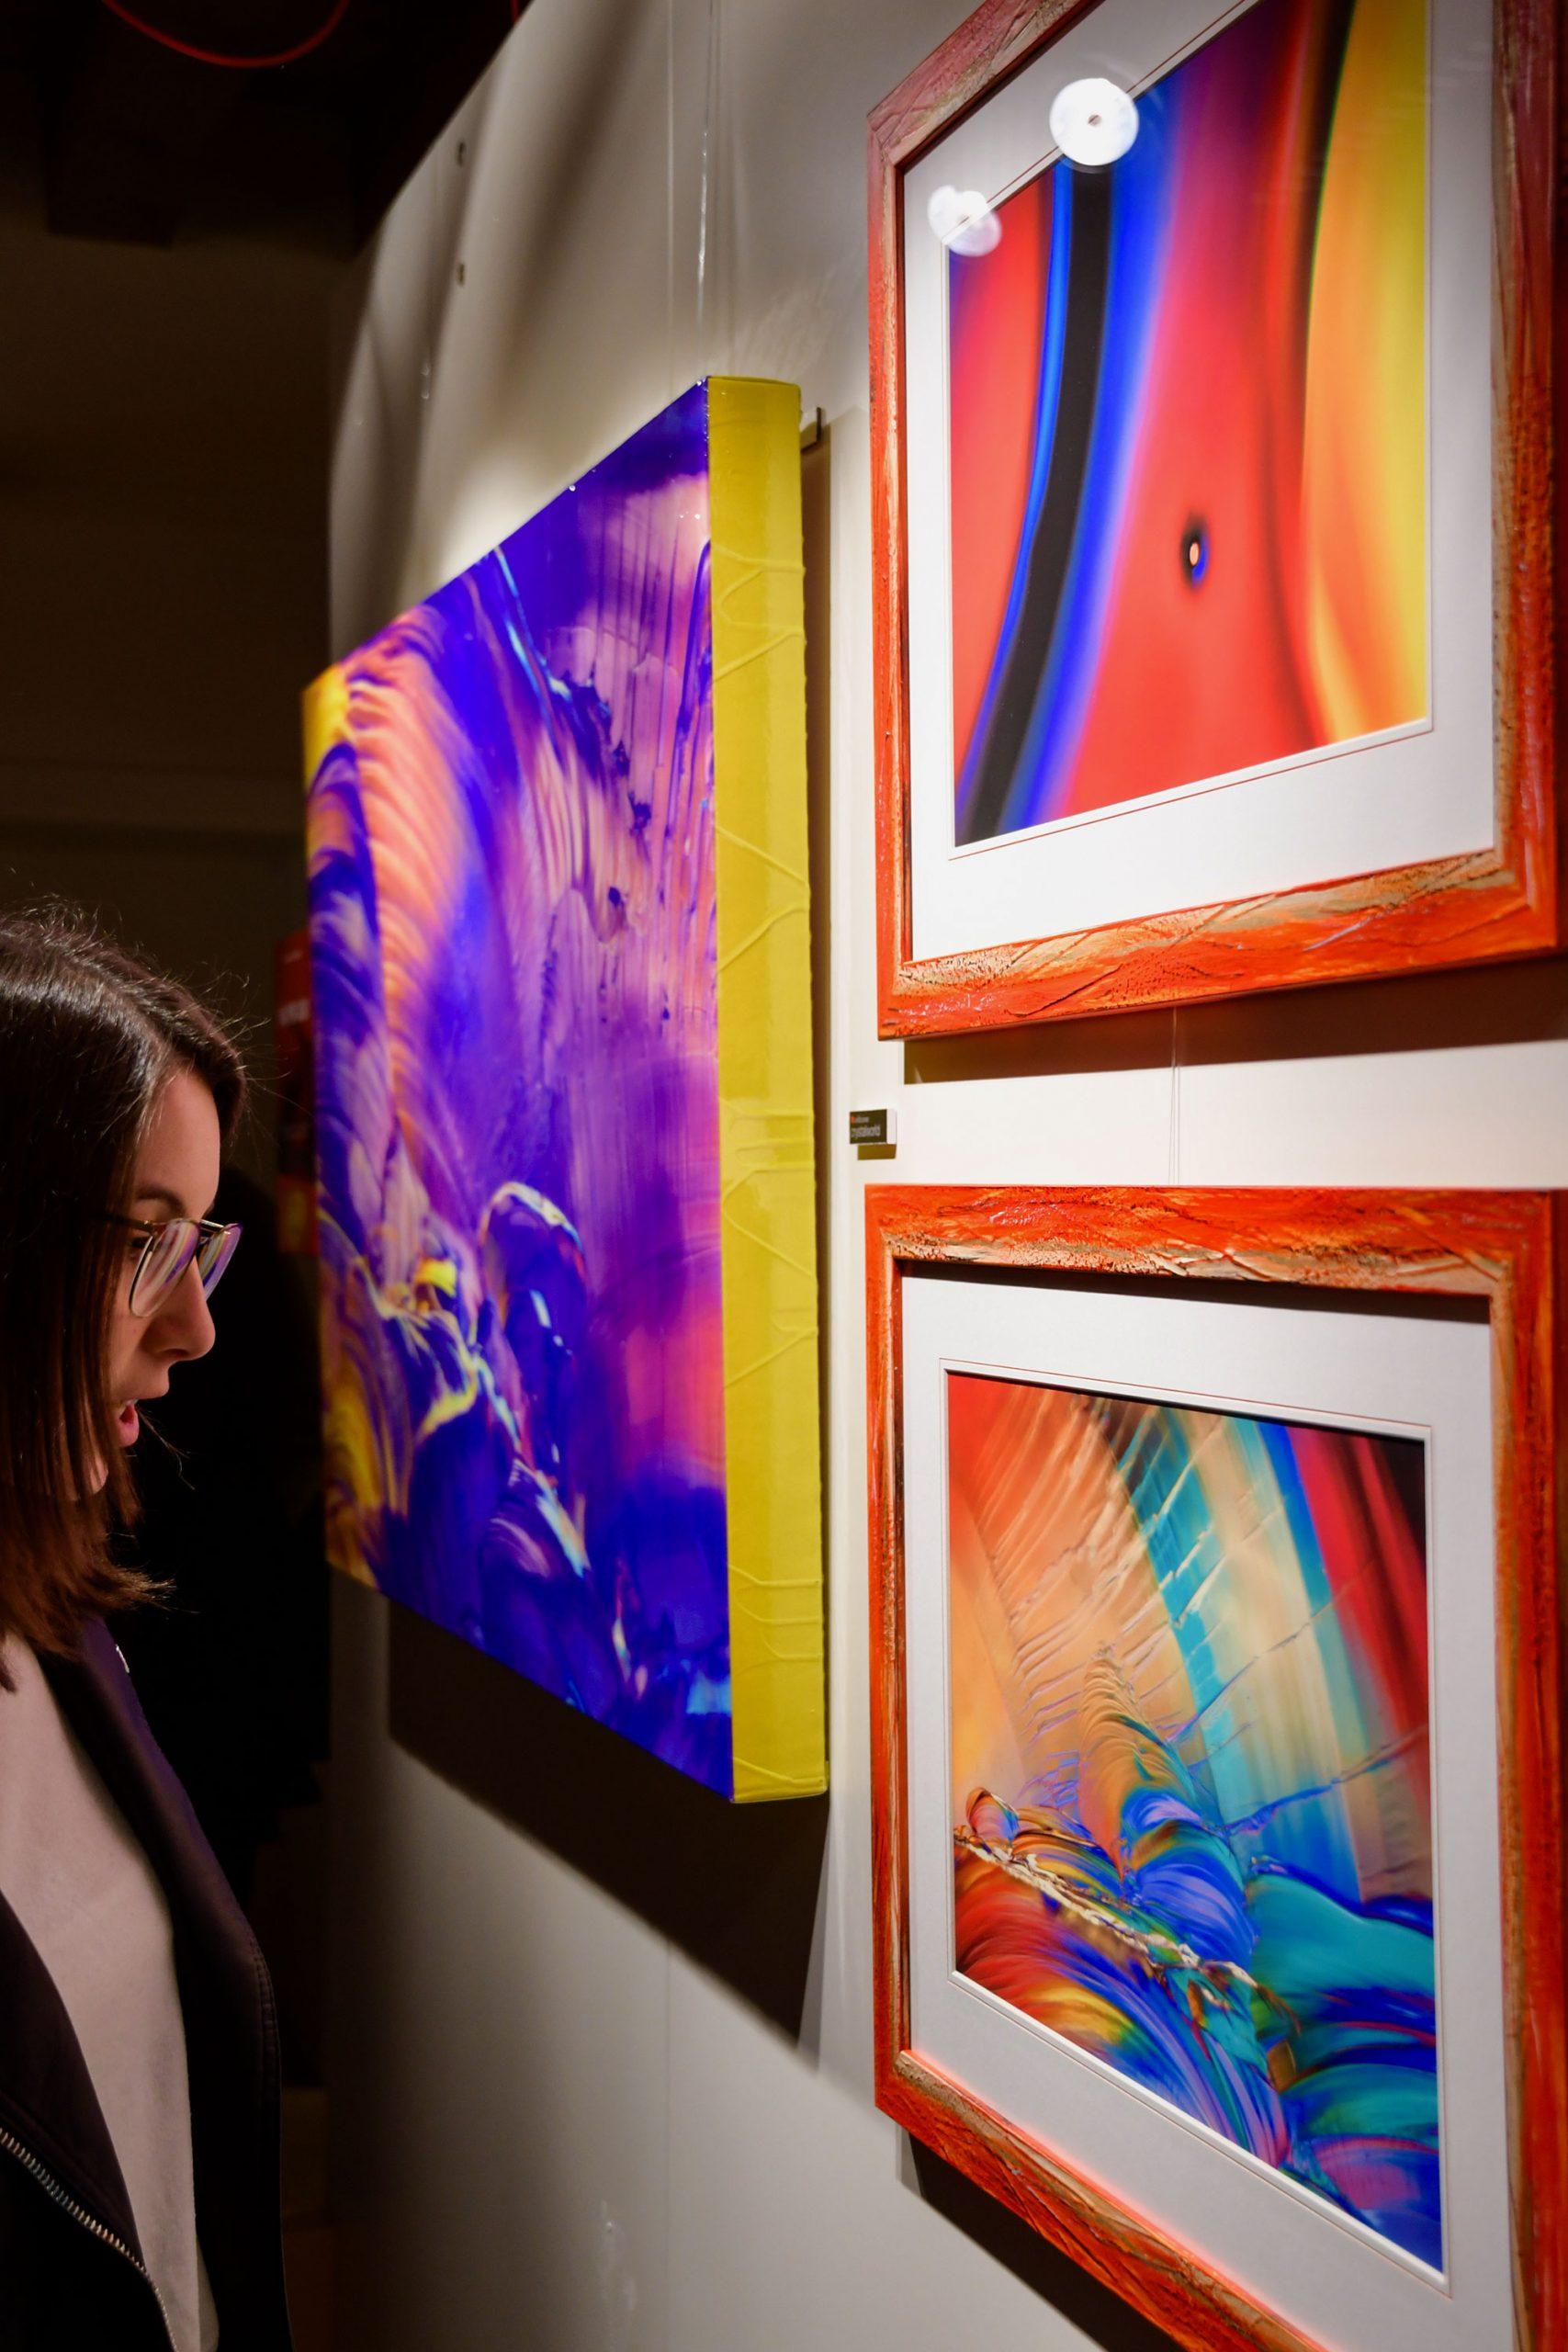 Mostra quadri moderni e quadri astratti su tela di Eugenio Tocchet